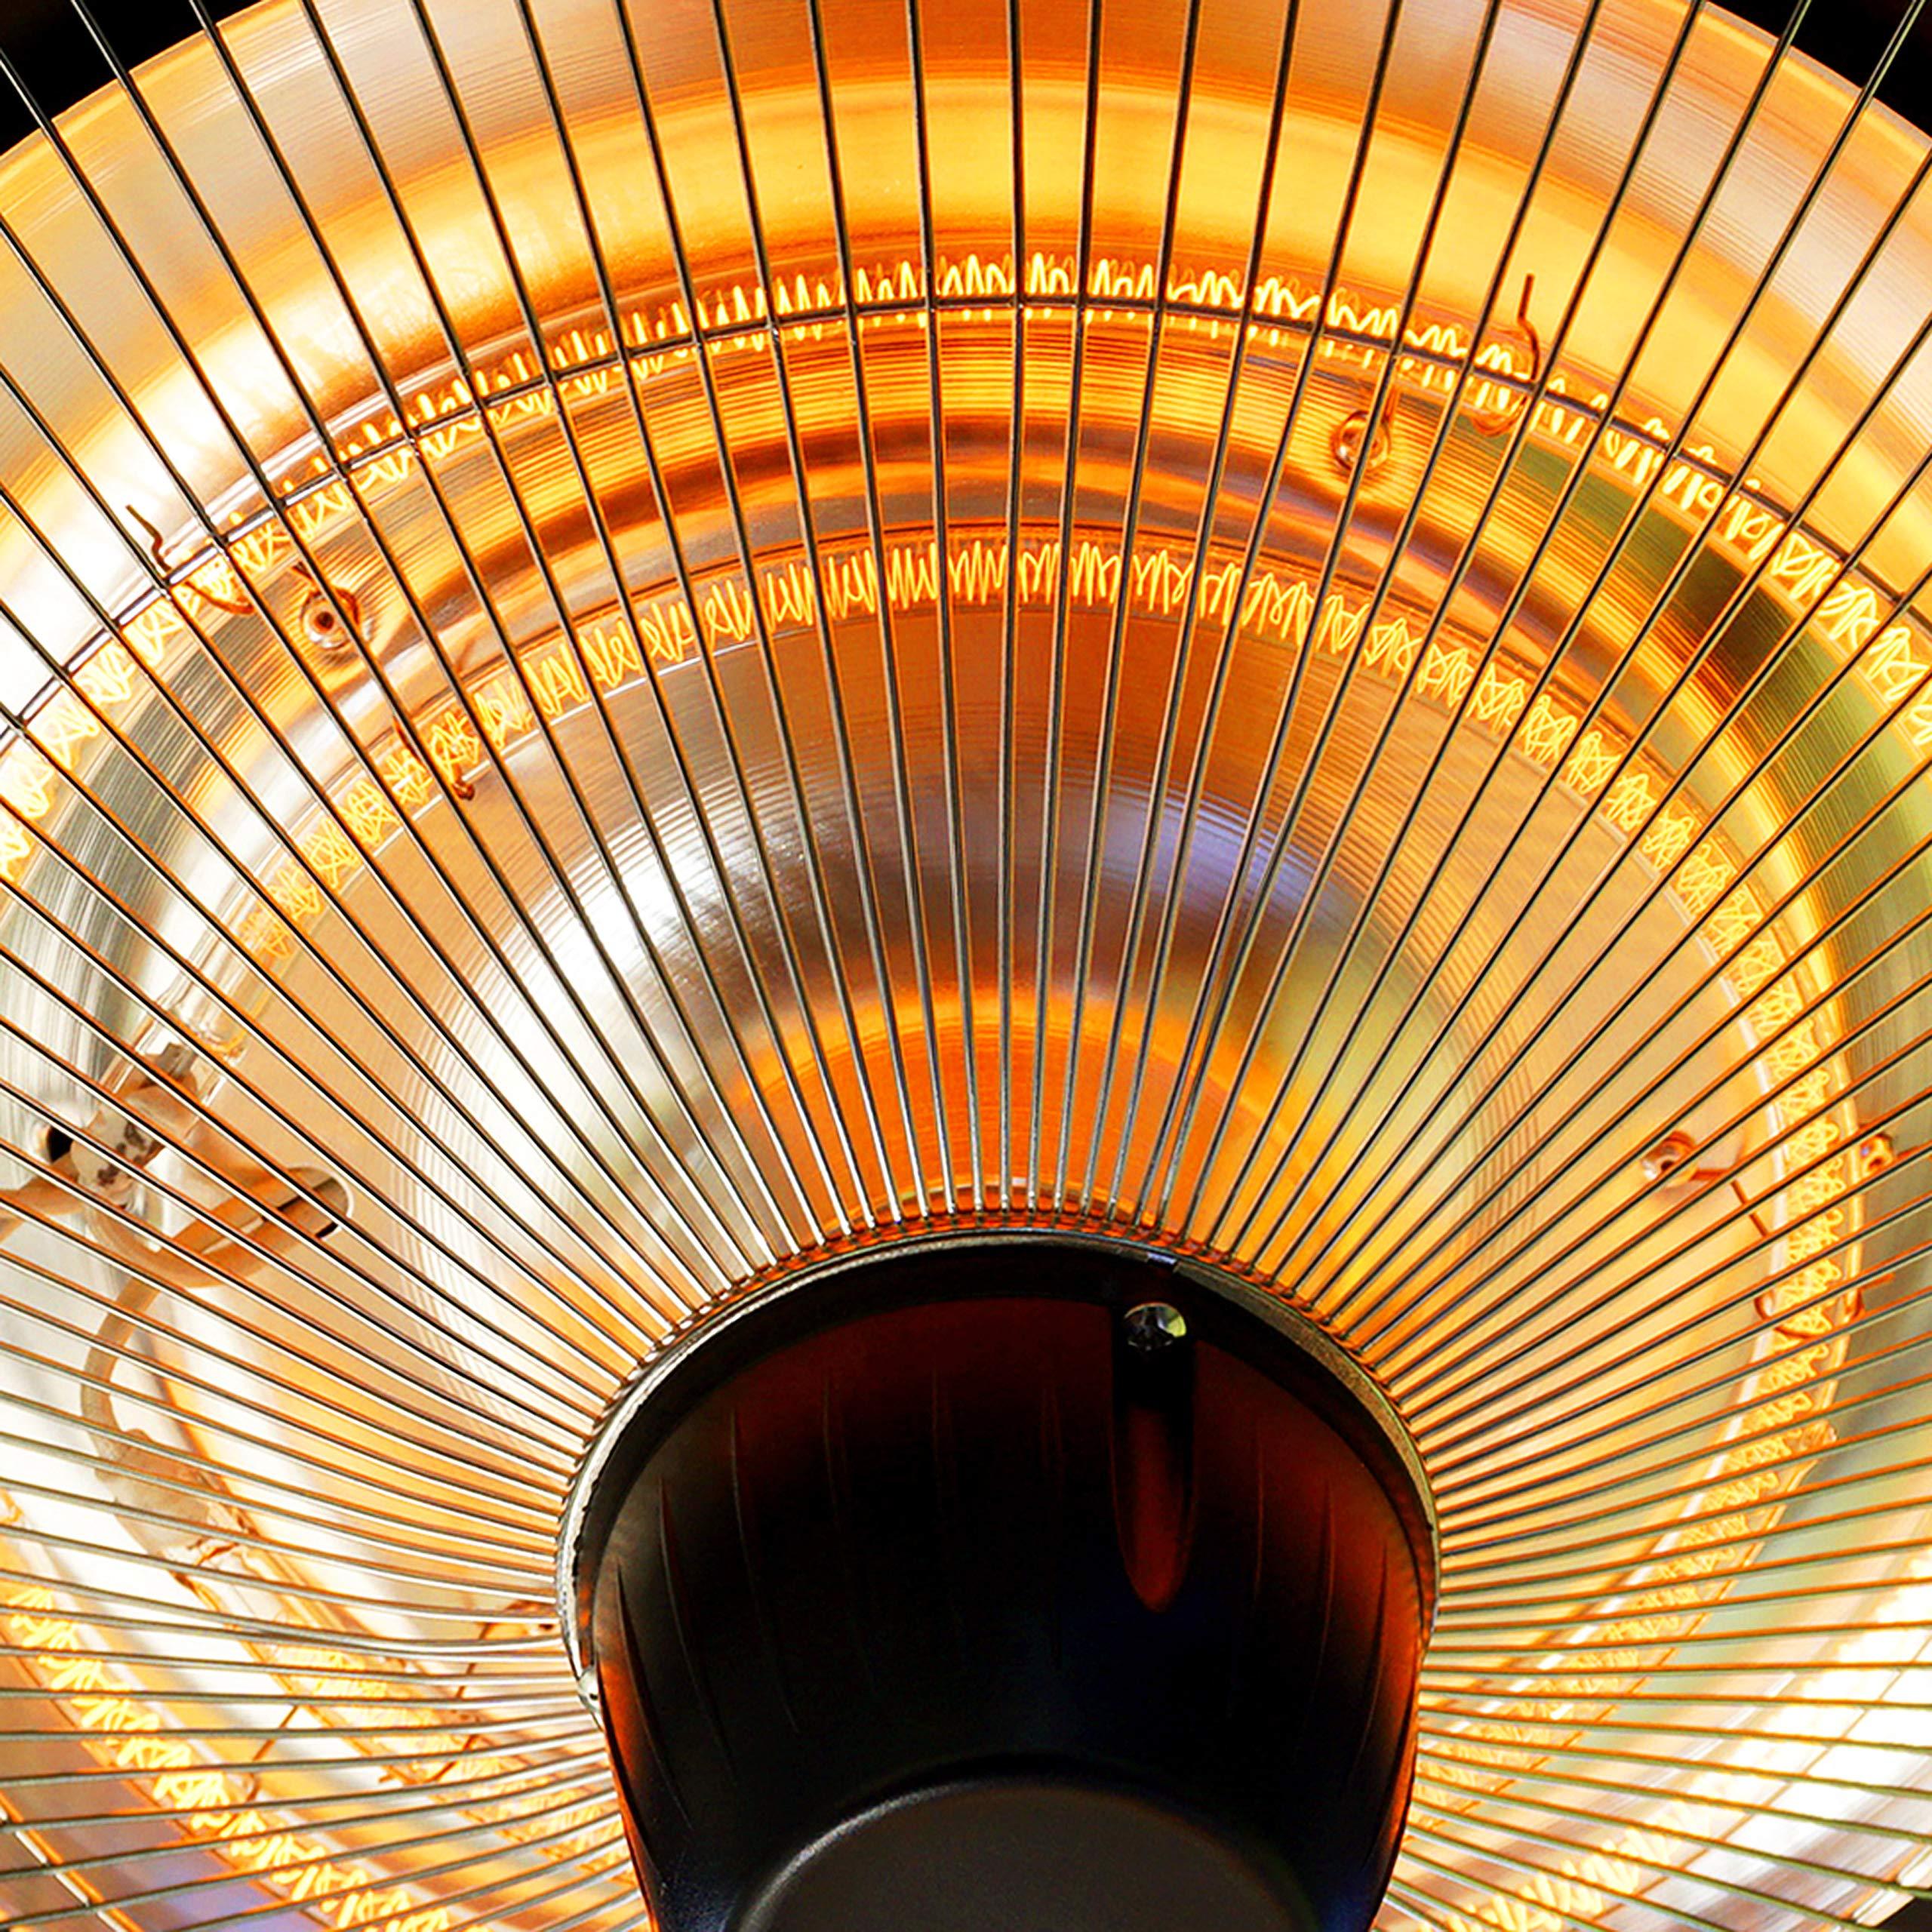 DONYER POWER - Calentador eléctrico para Patio (1500 W, Montaje en Techo, Uso en Interiores o Exteriores): Amazon.es: Jardín